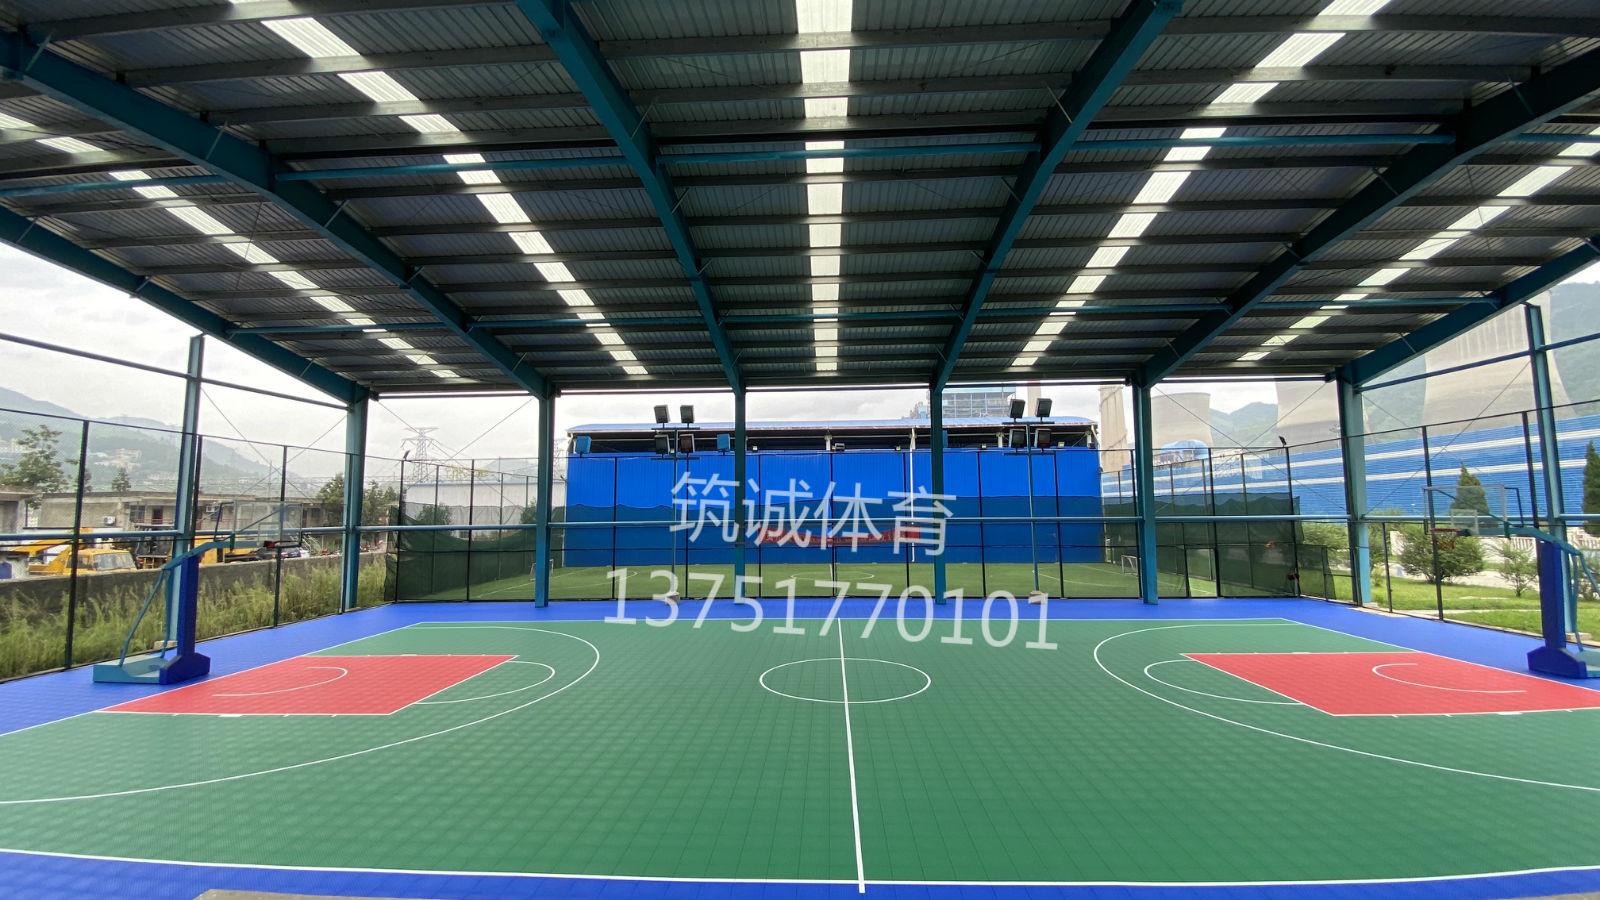 贵州电厂悬浮拼装地板篮球场